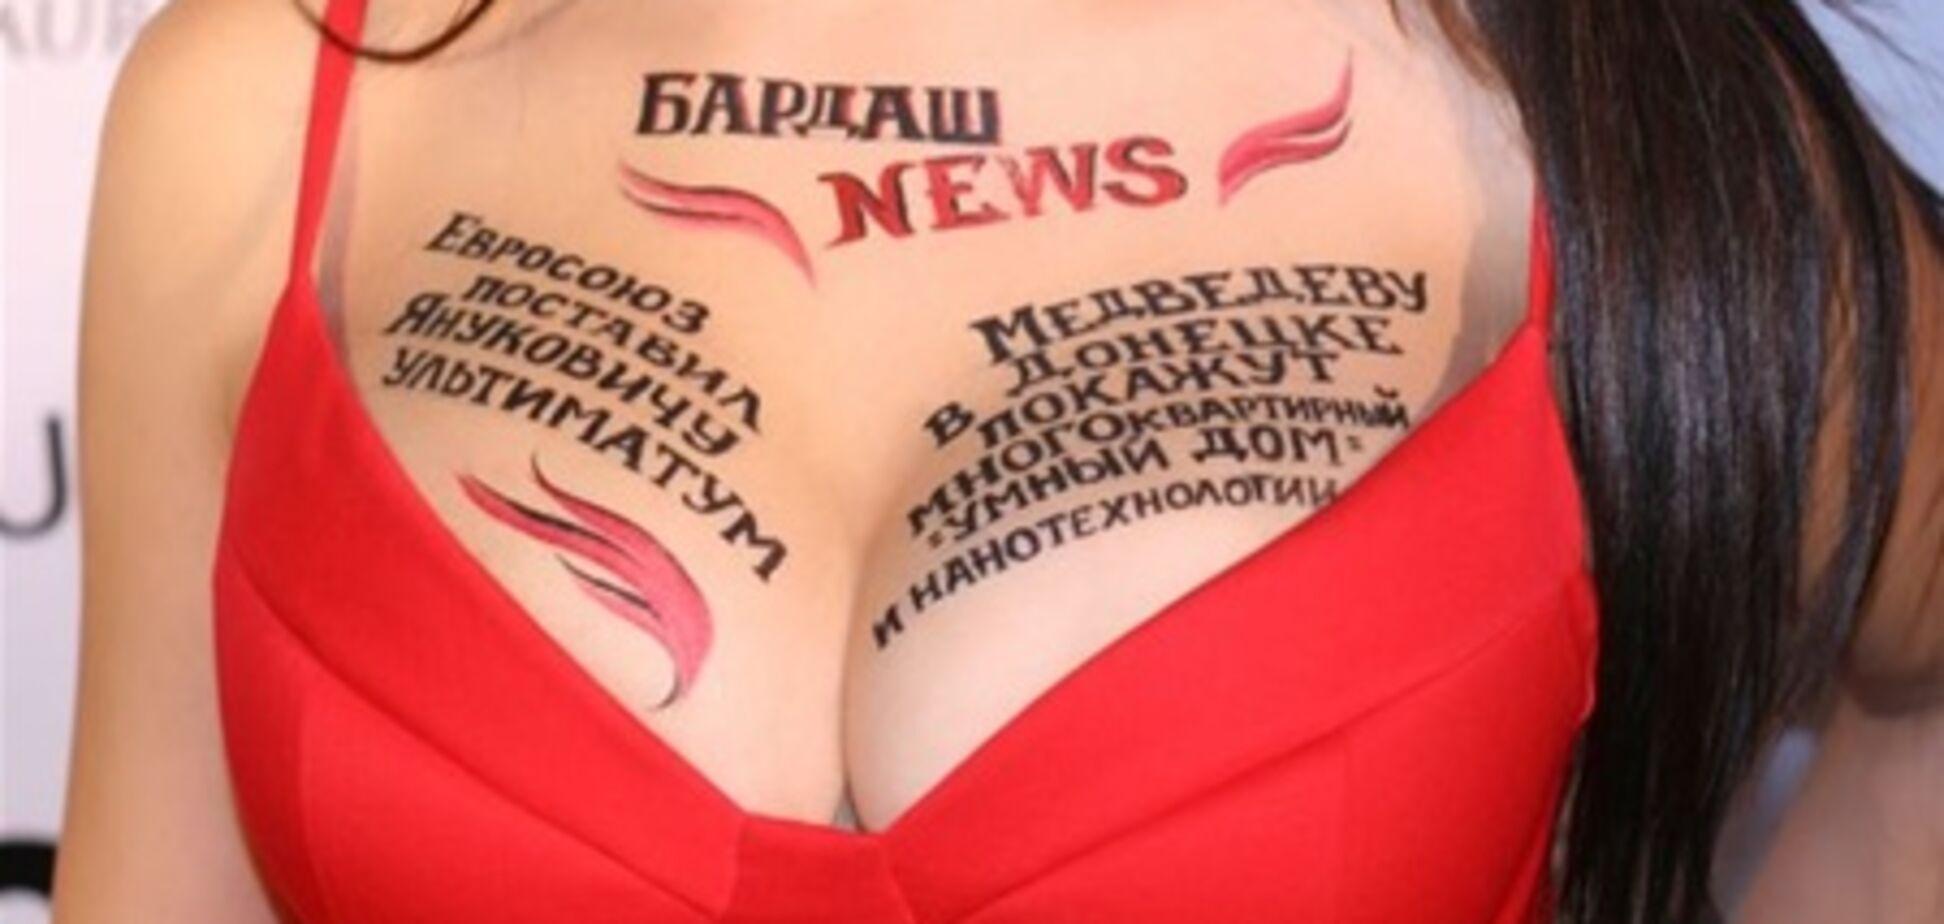 Про Юлию Бардаш с ее новостной грудью